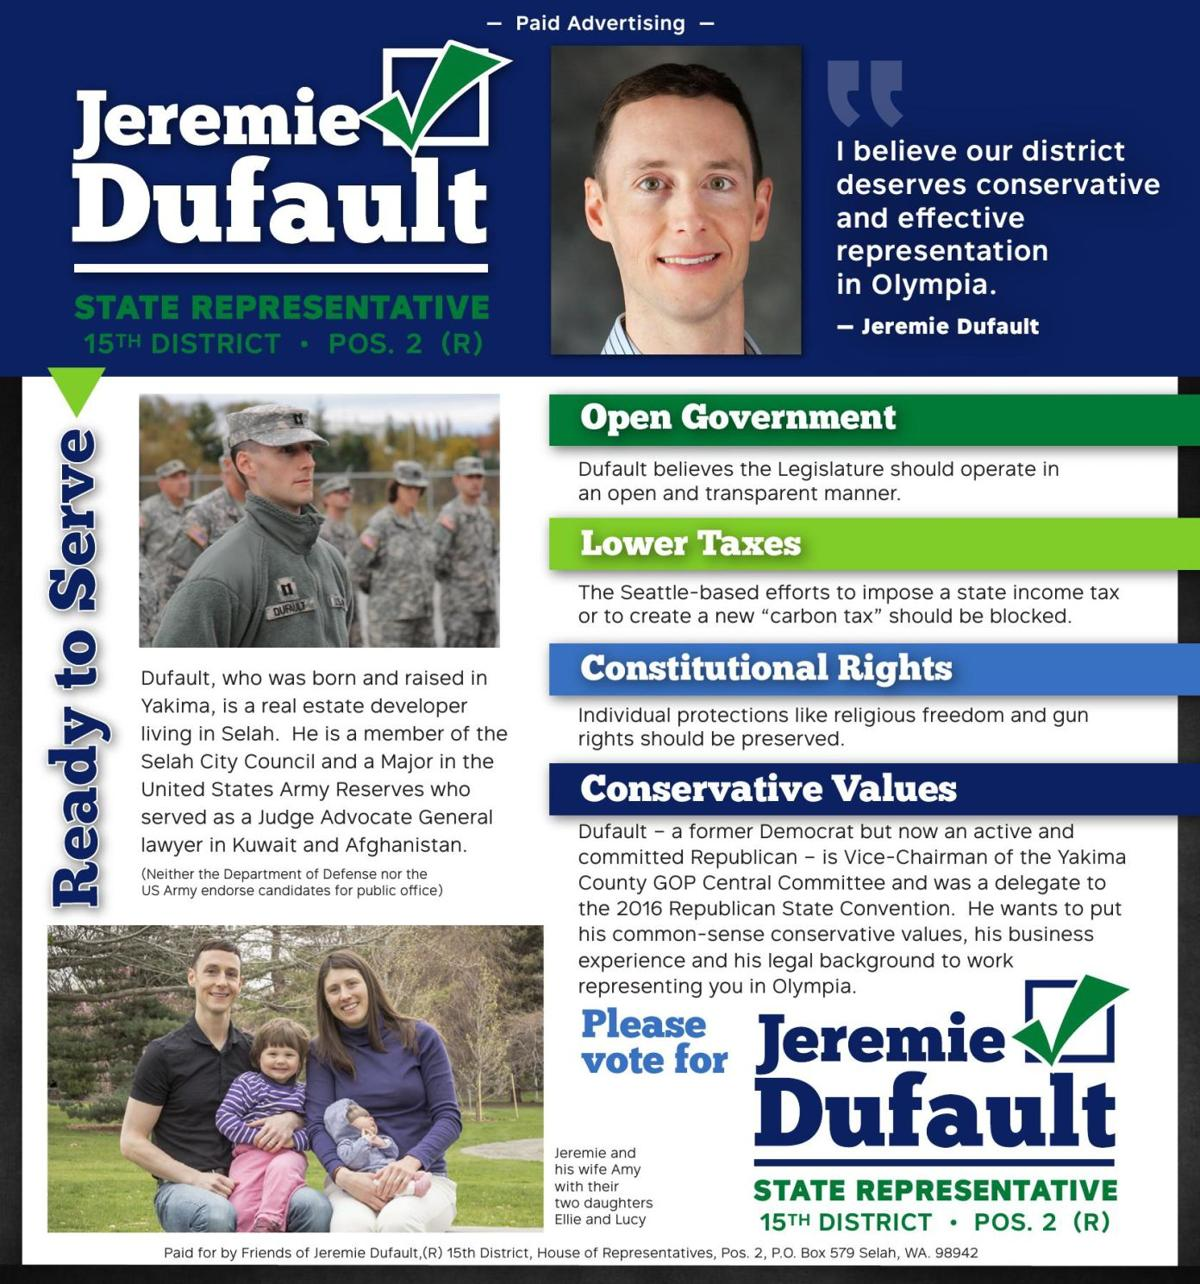 Jeremie Dufault - 15TH DISTRICT • POS. 2 (R)